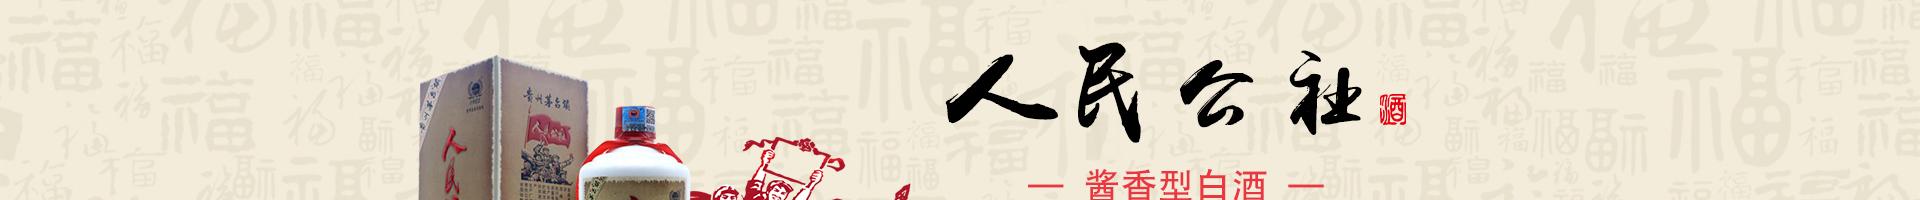 贵州二两酒铺贸易有限责任公司